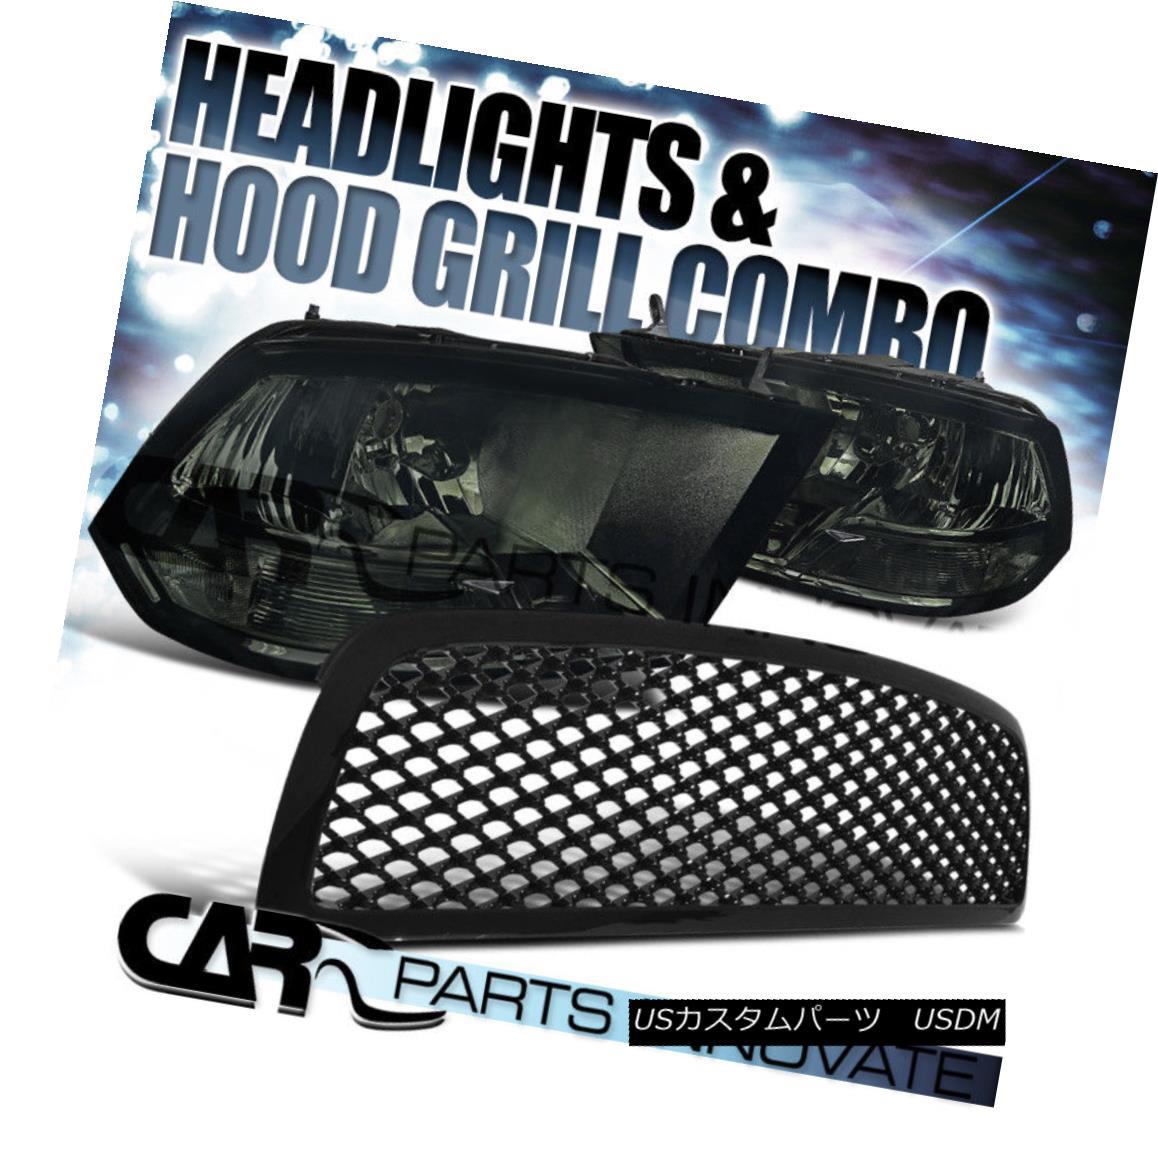 グリル 2009-2012 Dodge Ram 1500 Smoke Crystal Headlights+Glossy ABS Mesh Grille 2009-2012ダッジラム1500スモーククリスタルヘッドライト+グロー ssy ABSメッシュグリル